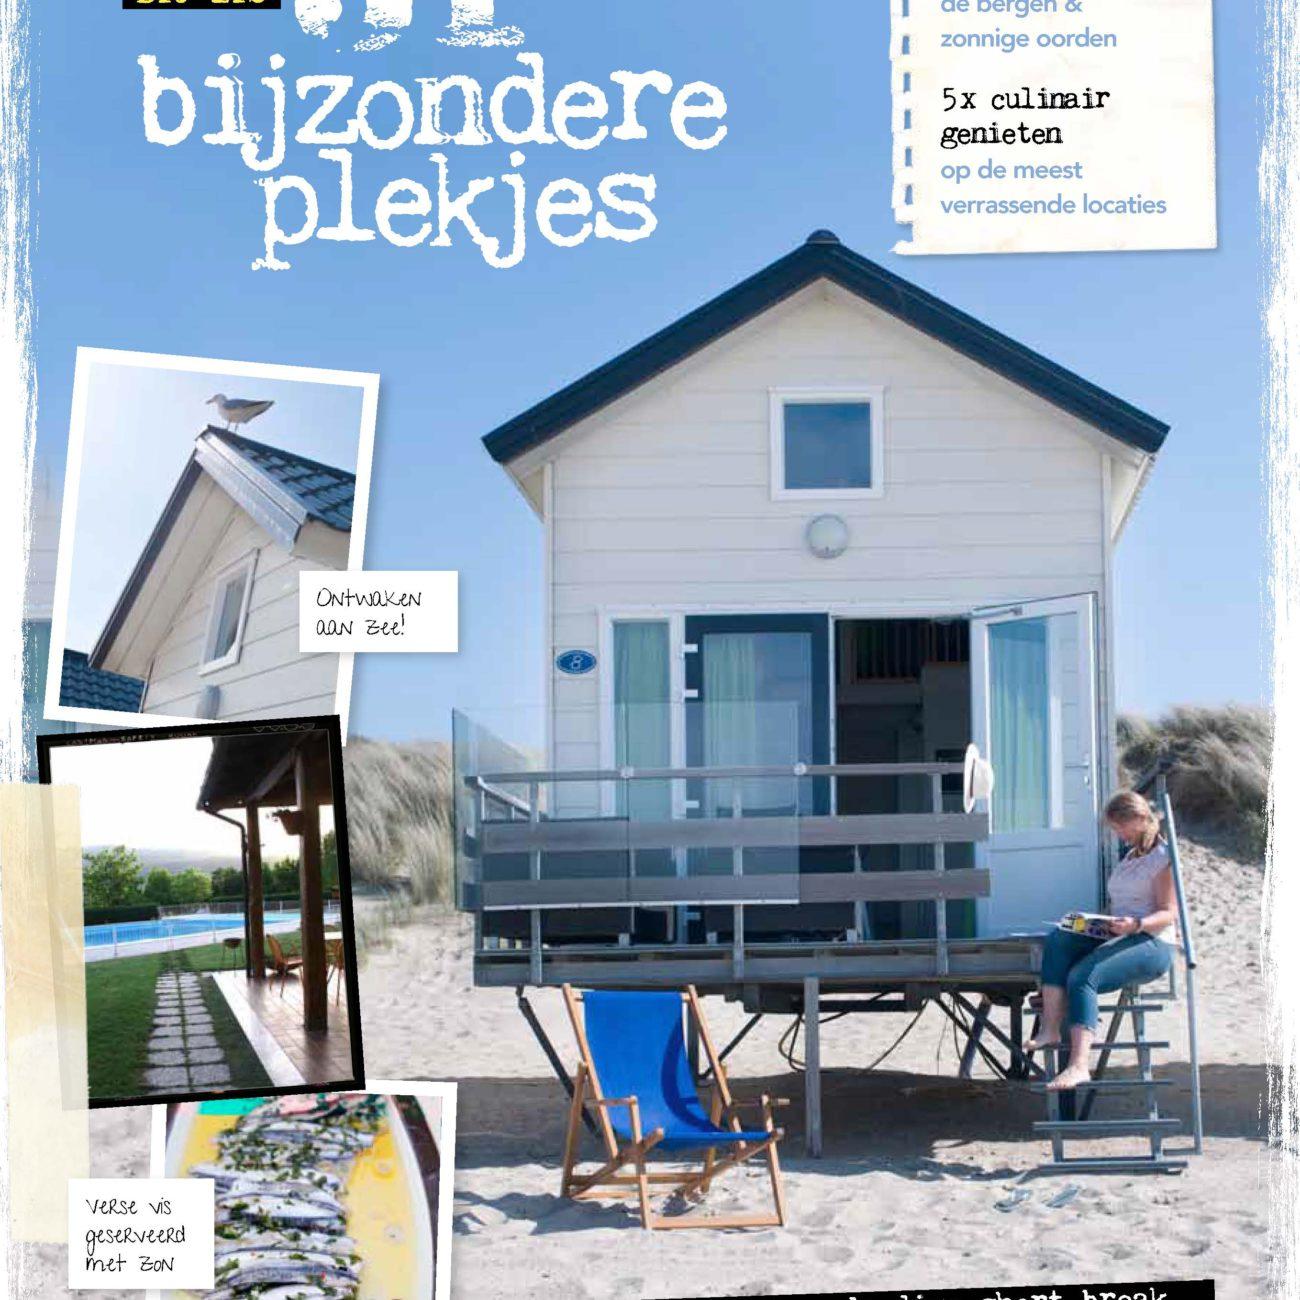 pagina uit magine met item over bijzondere plekjes op foto strandhuisje